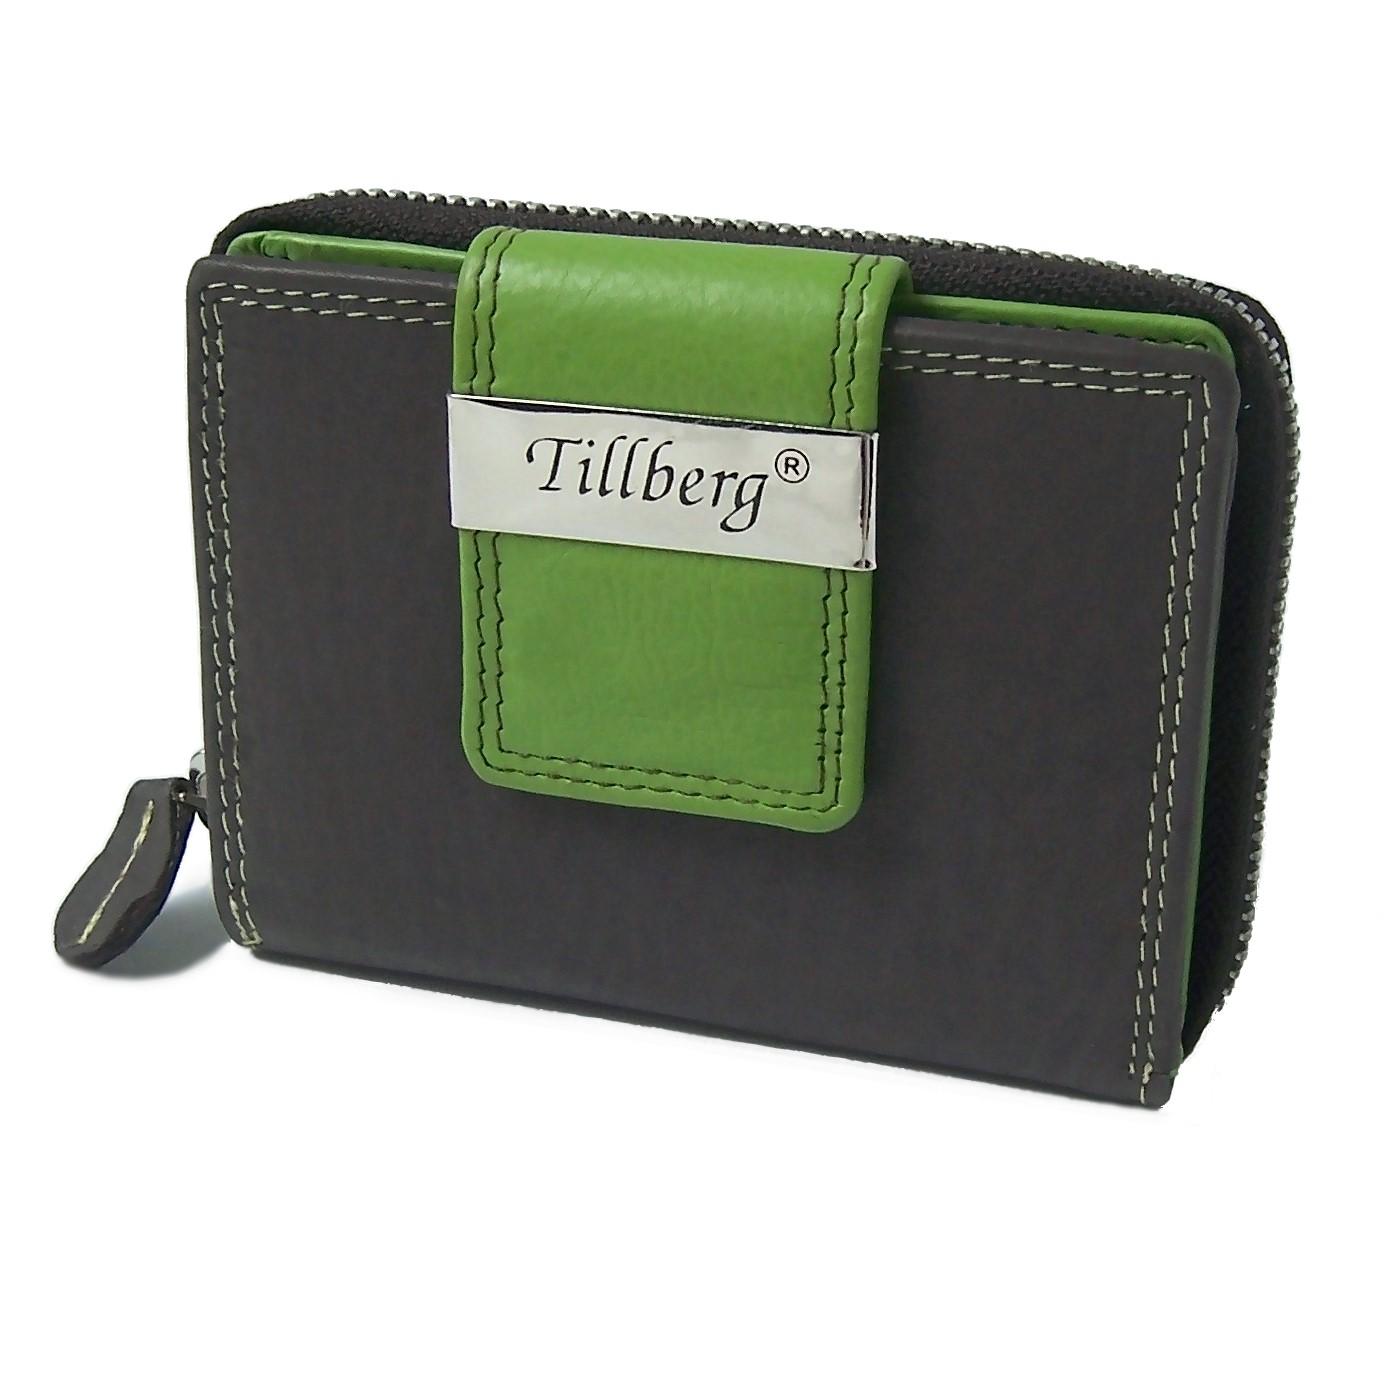 Damen Portemonnaie echt Leder Geldbörse braun grün Tillberg Po2228